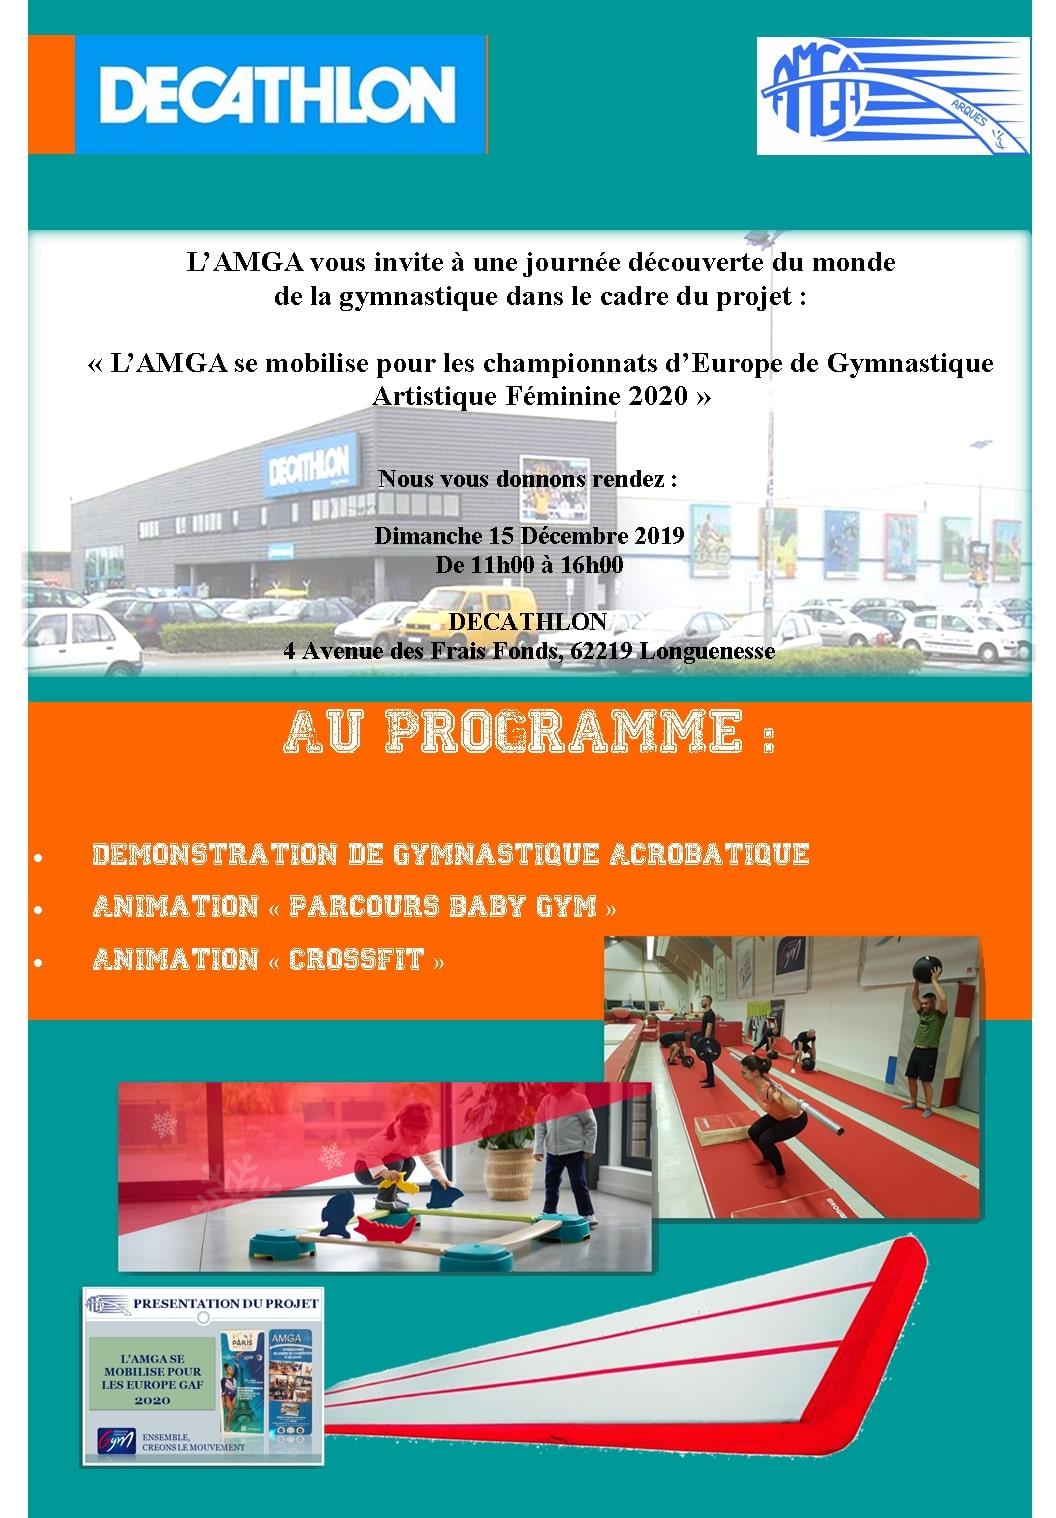 L'AMGA se mobilise pour les Championnats d'Europe de Gymnastique 2020: